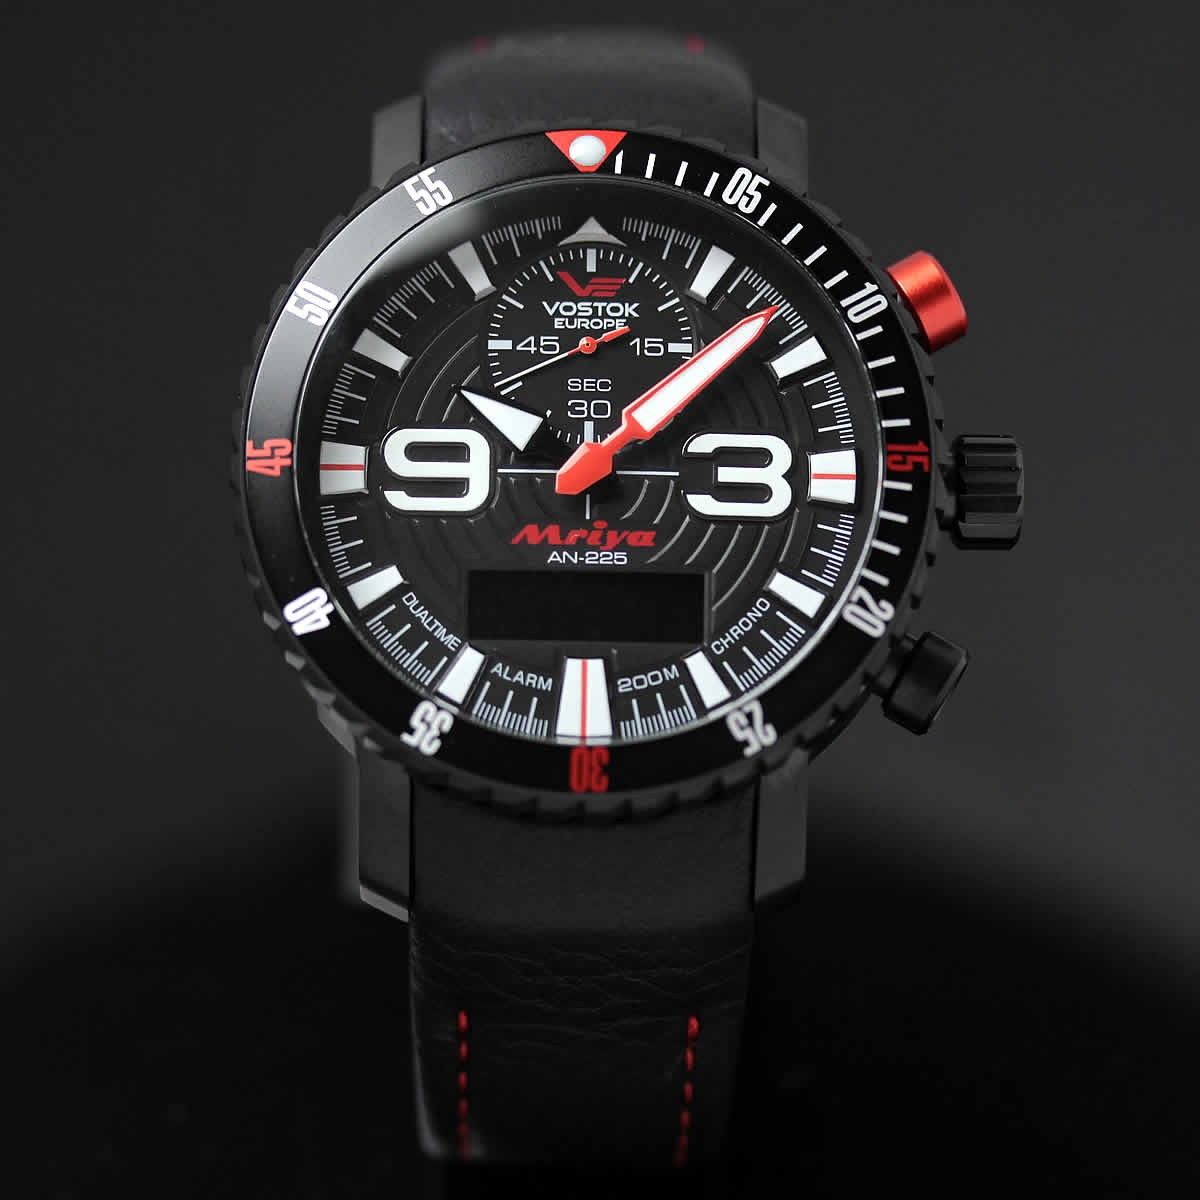 ボストーク ヨーロッパ MRIYA 多機能クォーツ式腕時計 9516-5554250